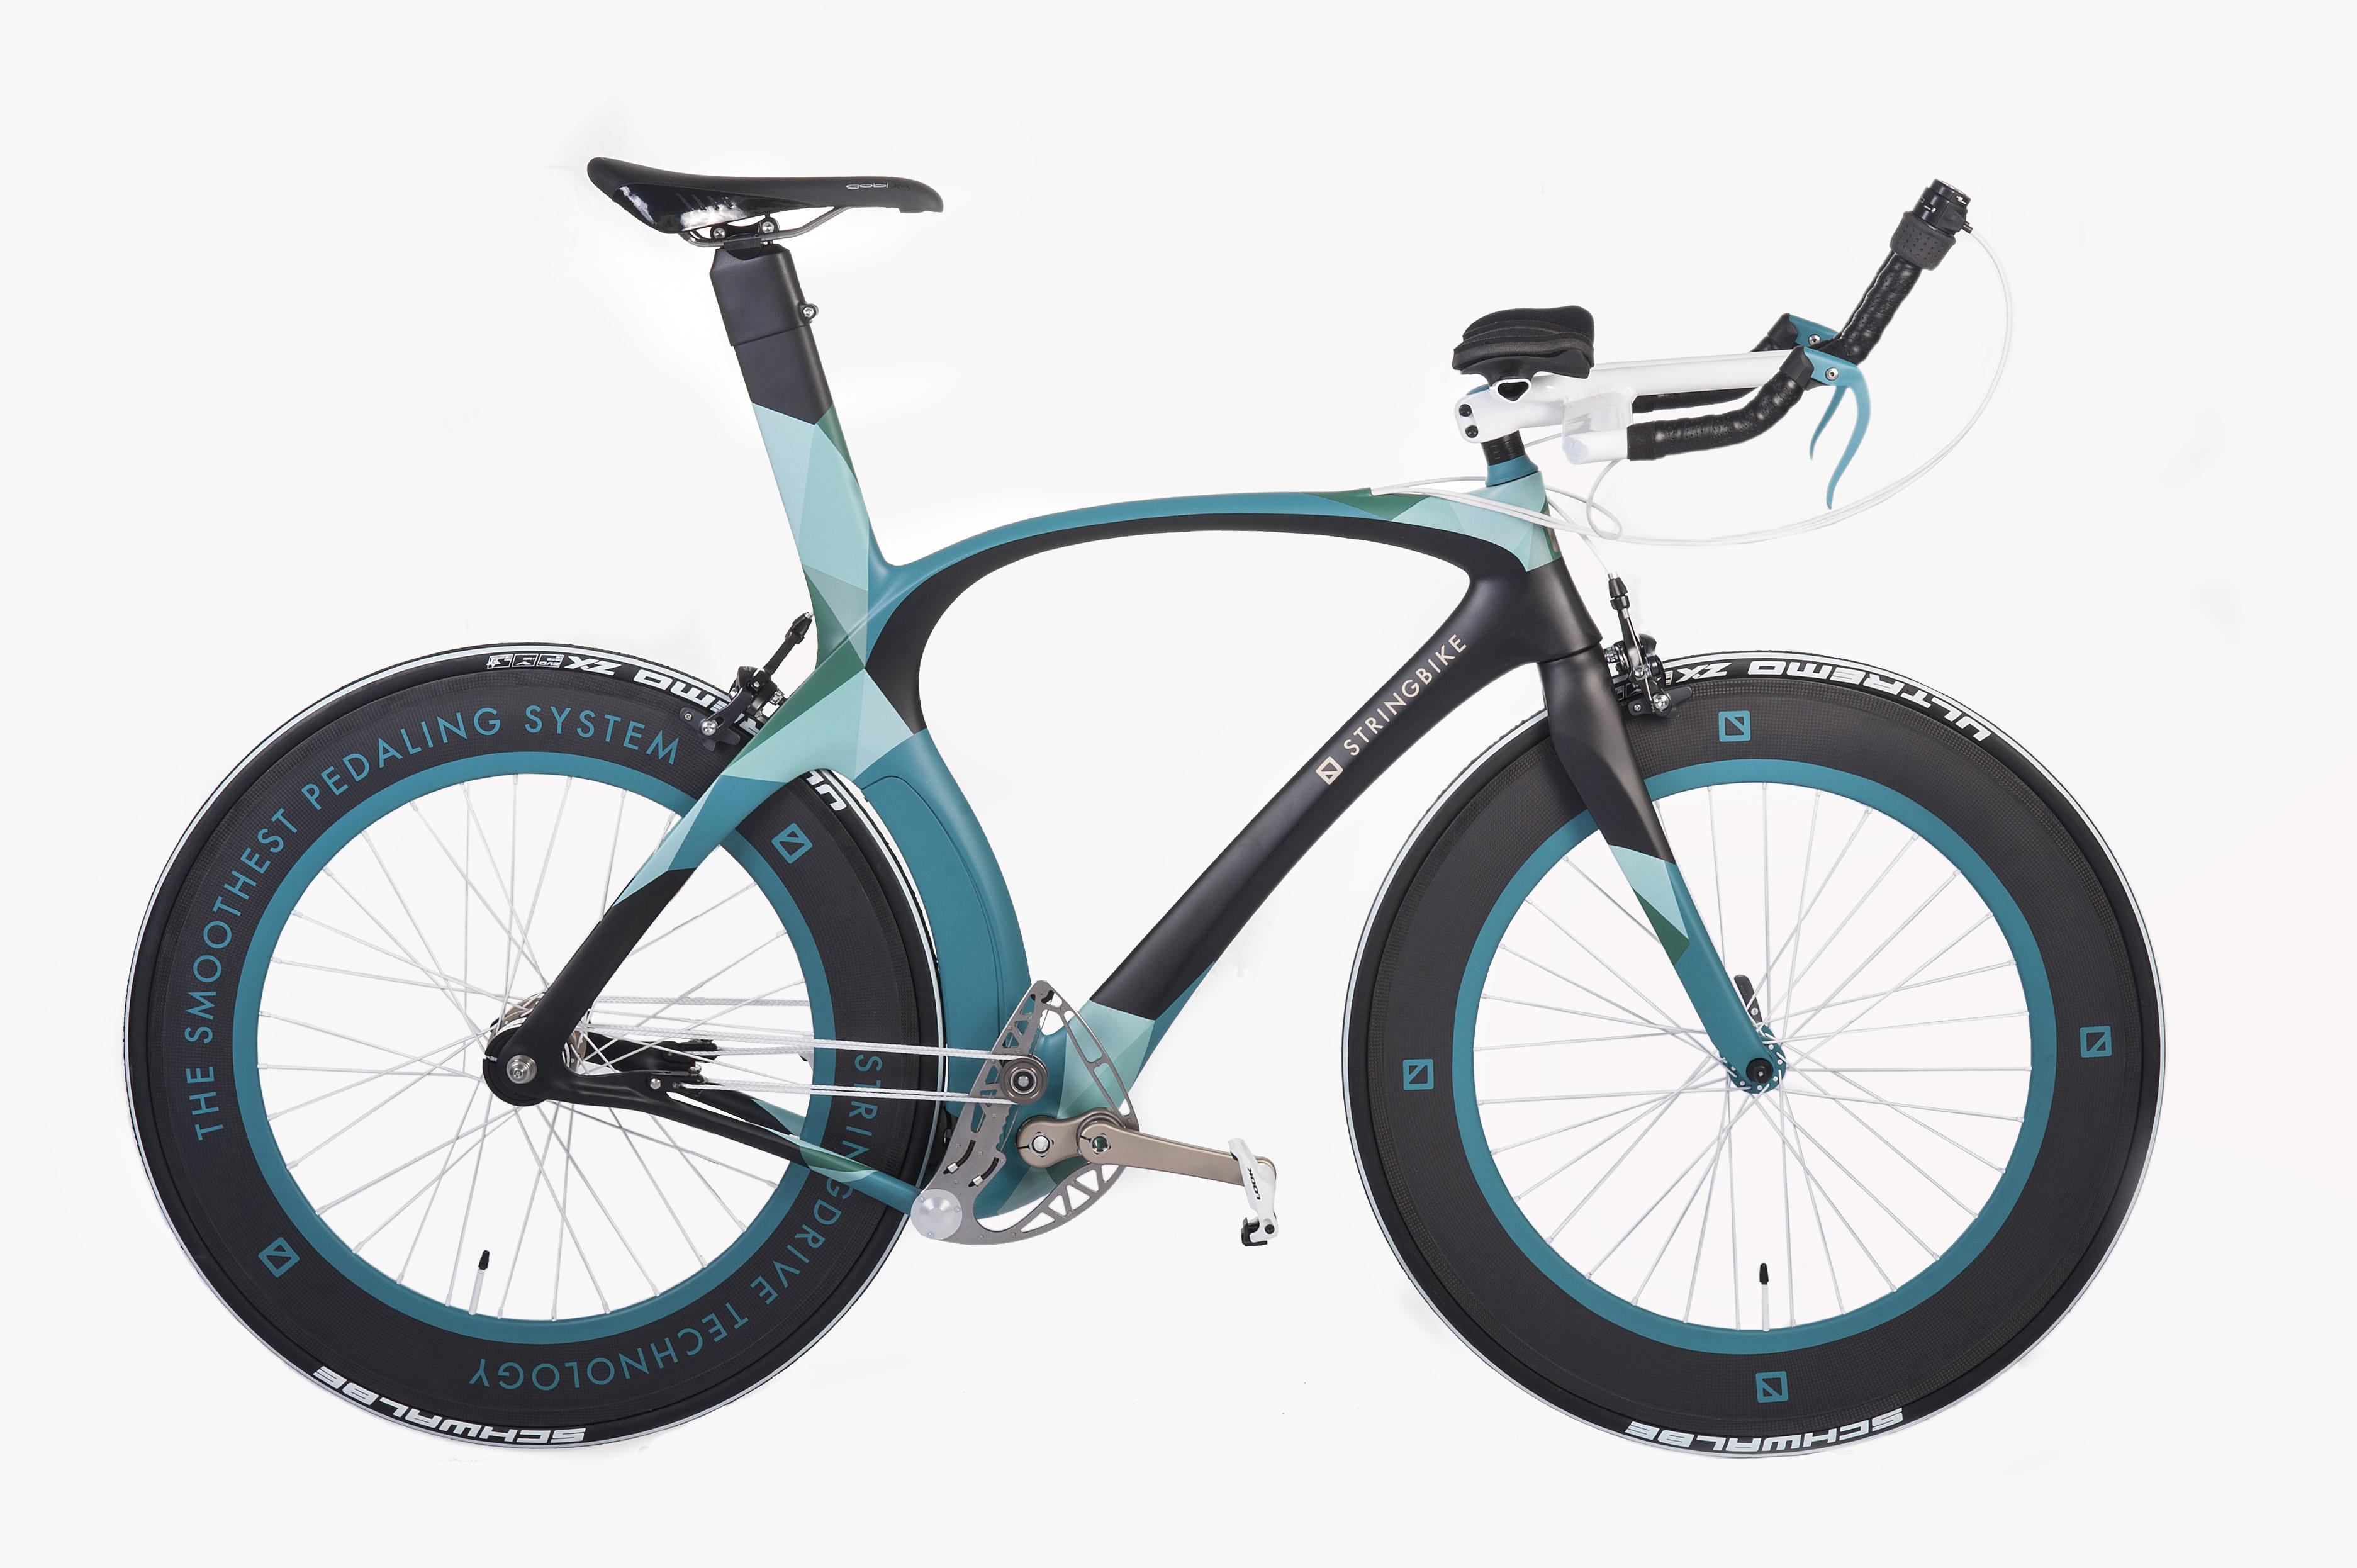 stringbike01.jpg